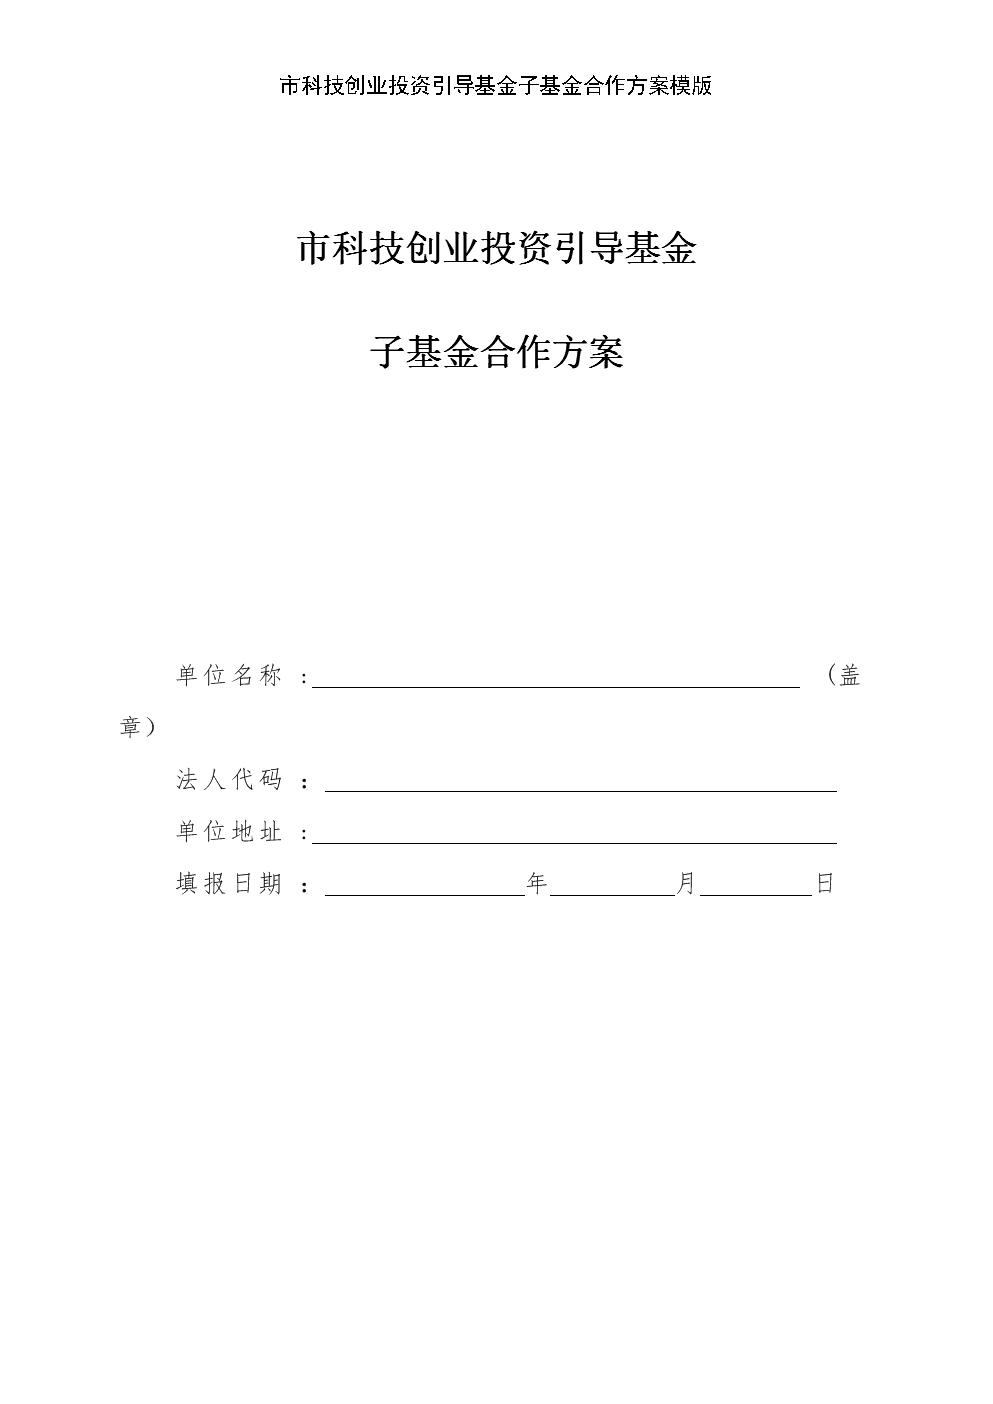 市科技创业投资引导基金子基金合作方案模版.doc